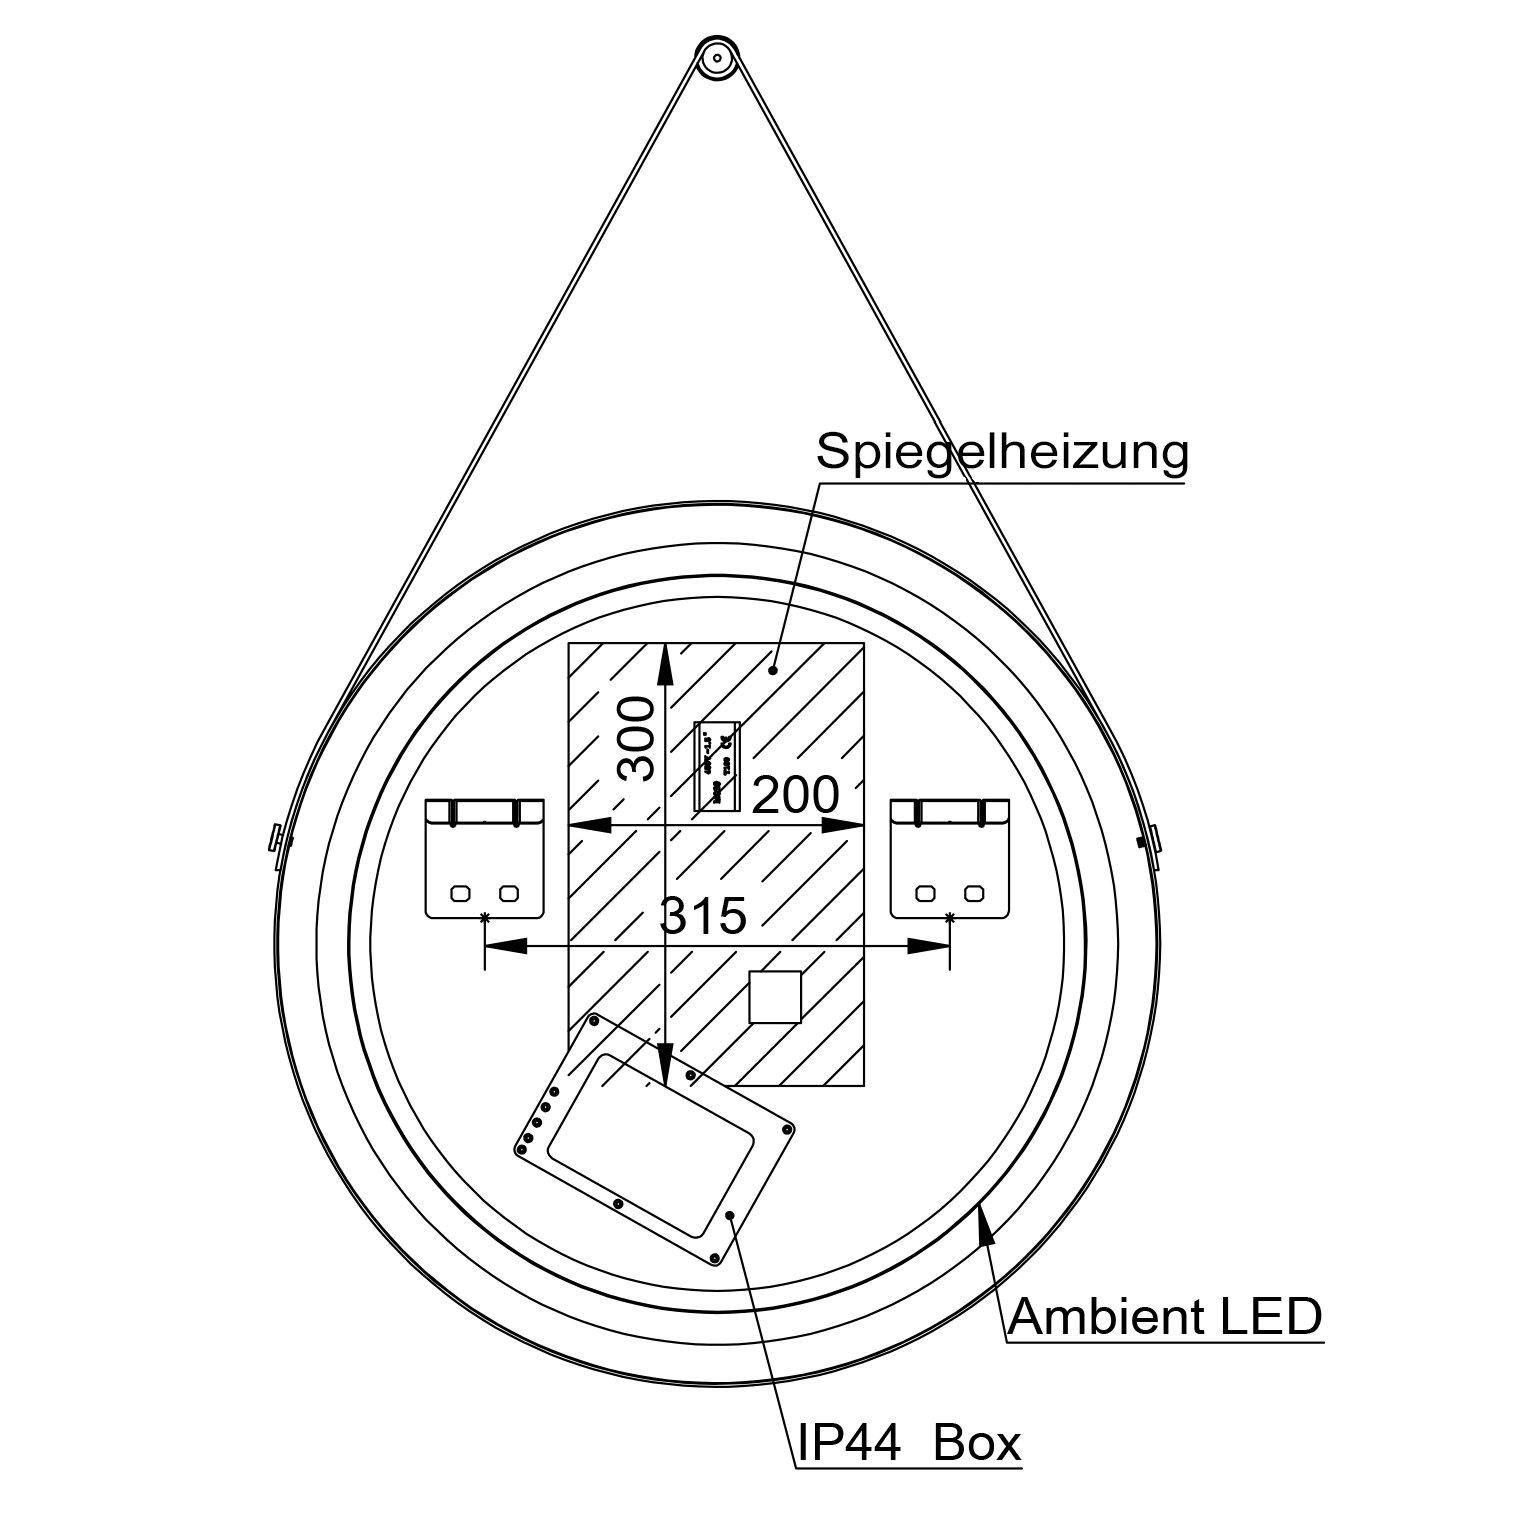 LED Lichtspiegel Badspiegel 2805 mit Spiegelheizung & Warm-/Kaltlichteinstellung - Rund Ø 60 cm zoom thumbnail 3